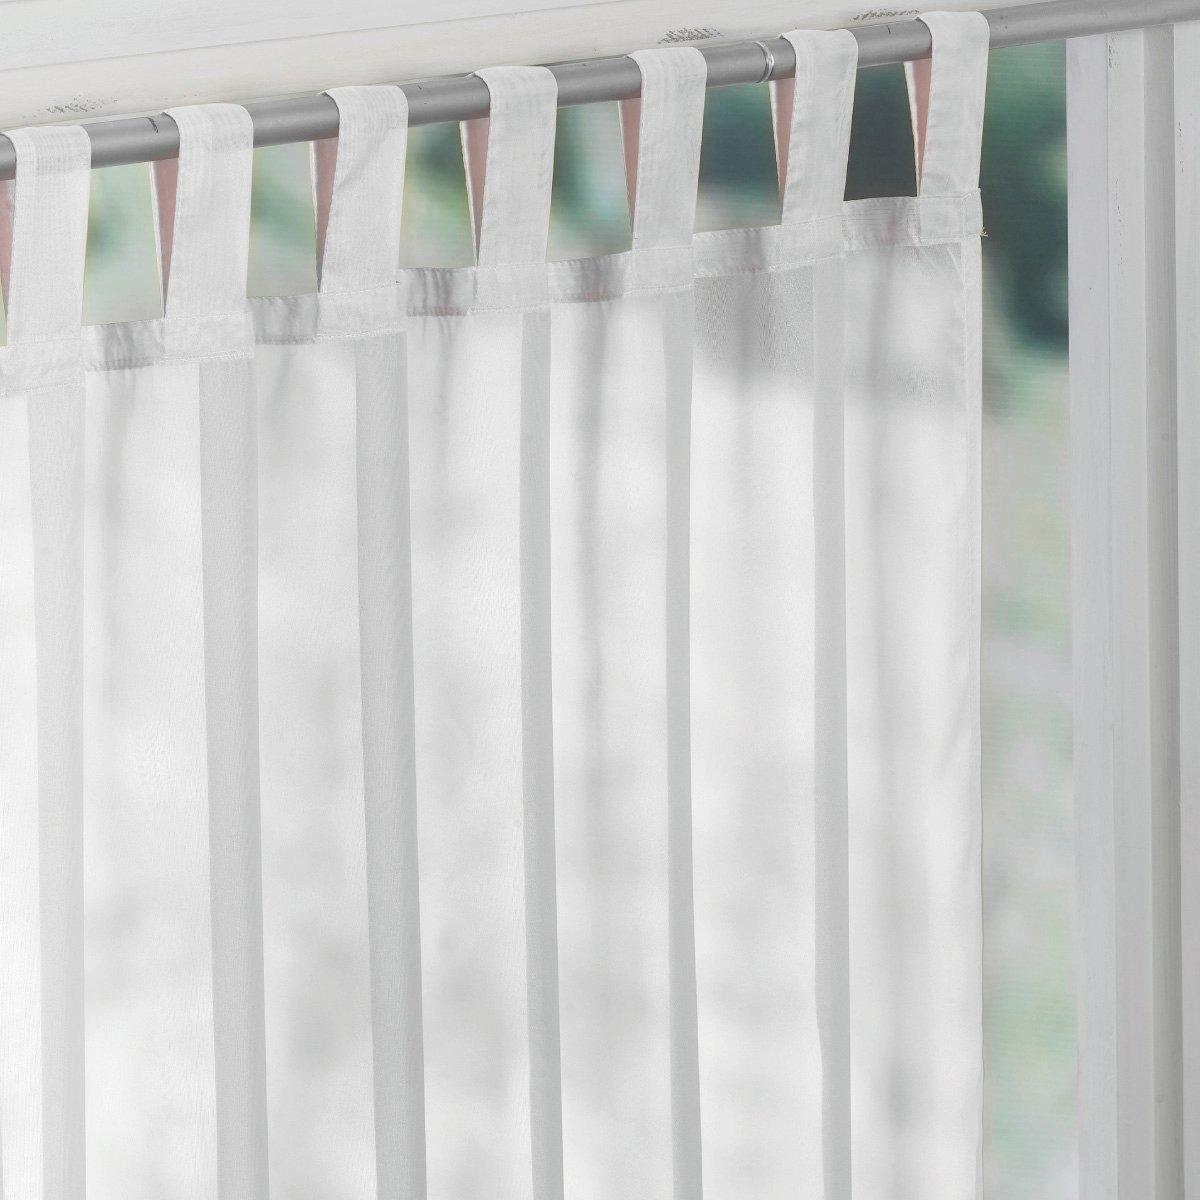 Занавеска с патами, LimpoСпециально адаптированная для больших окон и витражей однотонная занавеска Limpo с патами будет идеальным решением для вашего интерьера. Описание занавески для больших окон Limpo   :Специально для больших окон  .Вуаль, 100% полиэстер.Стирка при 40°С.Готовая занавеска с патами . Подшитый низ.     Сертификат Oeko-Tex® дает гарантию того, что товары изготовлены без применения химических средств и не представляют опасности для здоровья человека   .Всю коллекцию занавесок и штор вы найдете на сайте laredoute.ru Для размера на 180 на 140 см: длина 180 см., ширина 140 см. Для размера 240 на 140 см: длина 240 см, ширина 140 см Для размера 350 на 140 см: длина 350 см, ширина 140 см.<br><br>Цвет: белый,светло-коричневый,экрю<br>Размер: 240 x 140  см.240 x 140  см.350 x 140  см